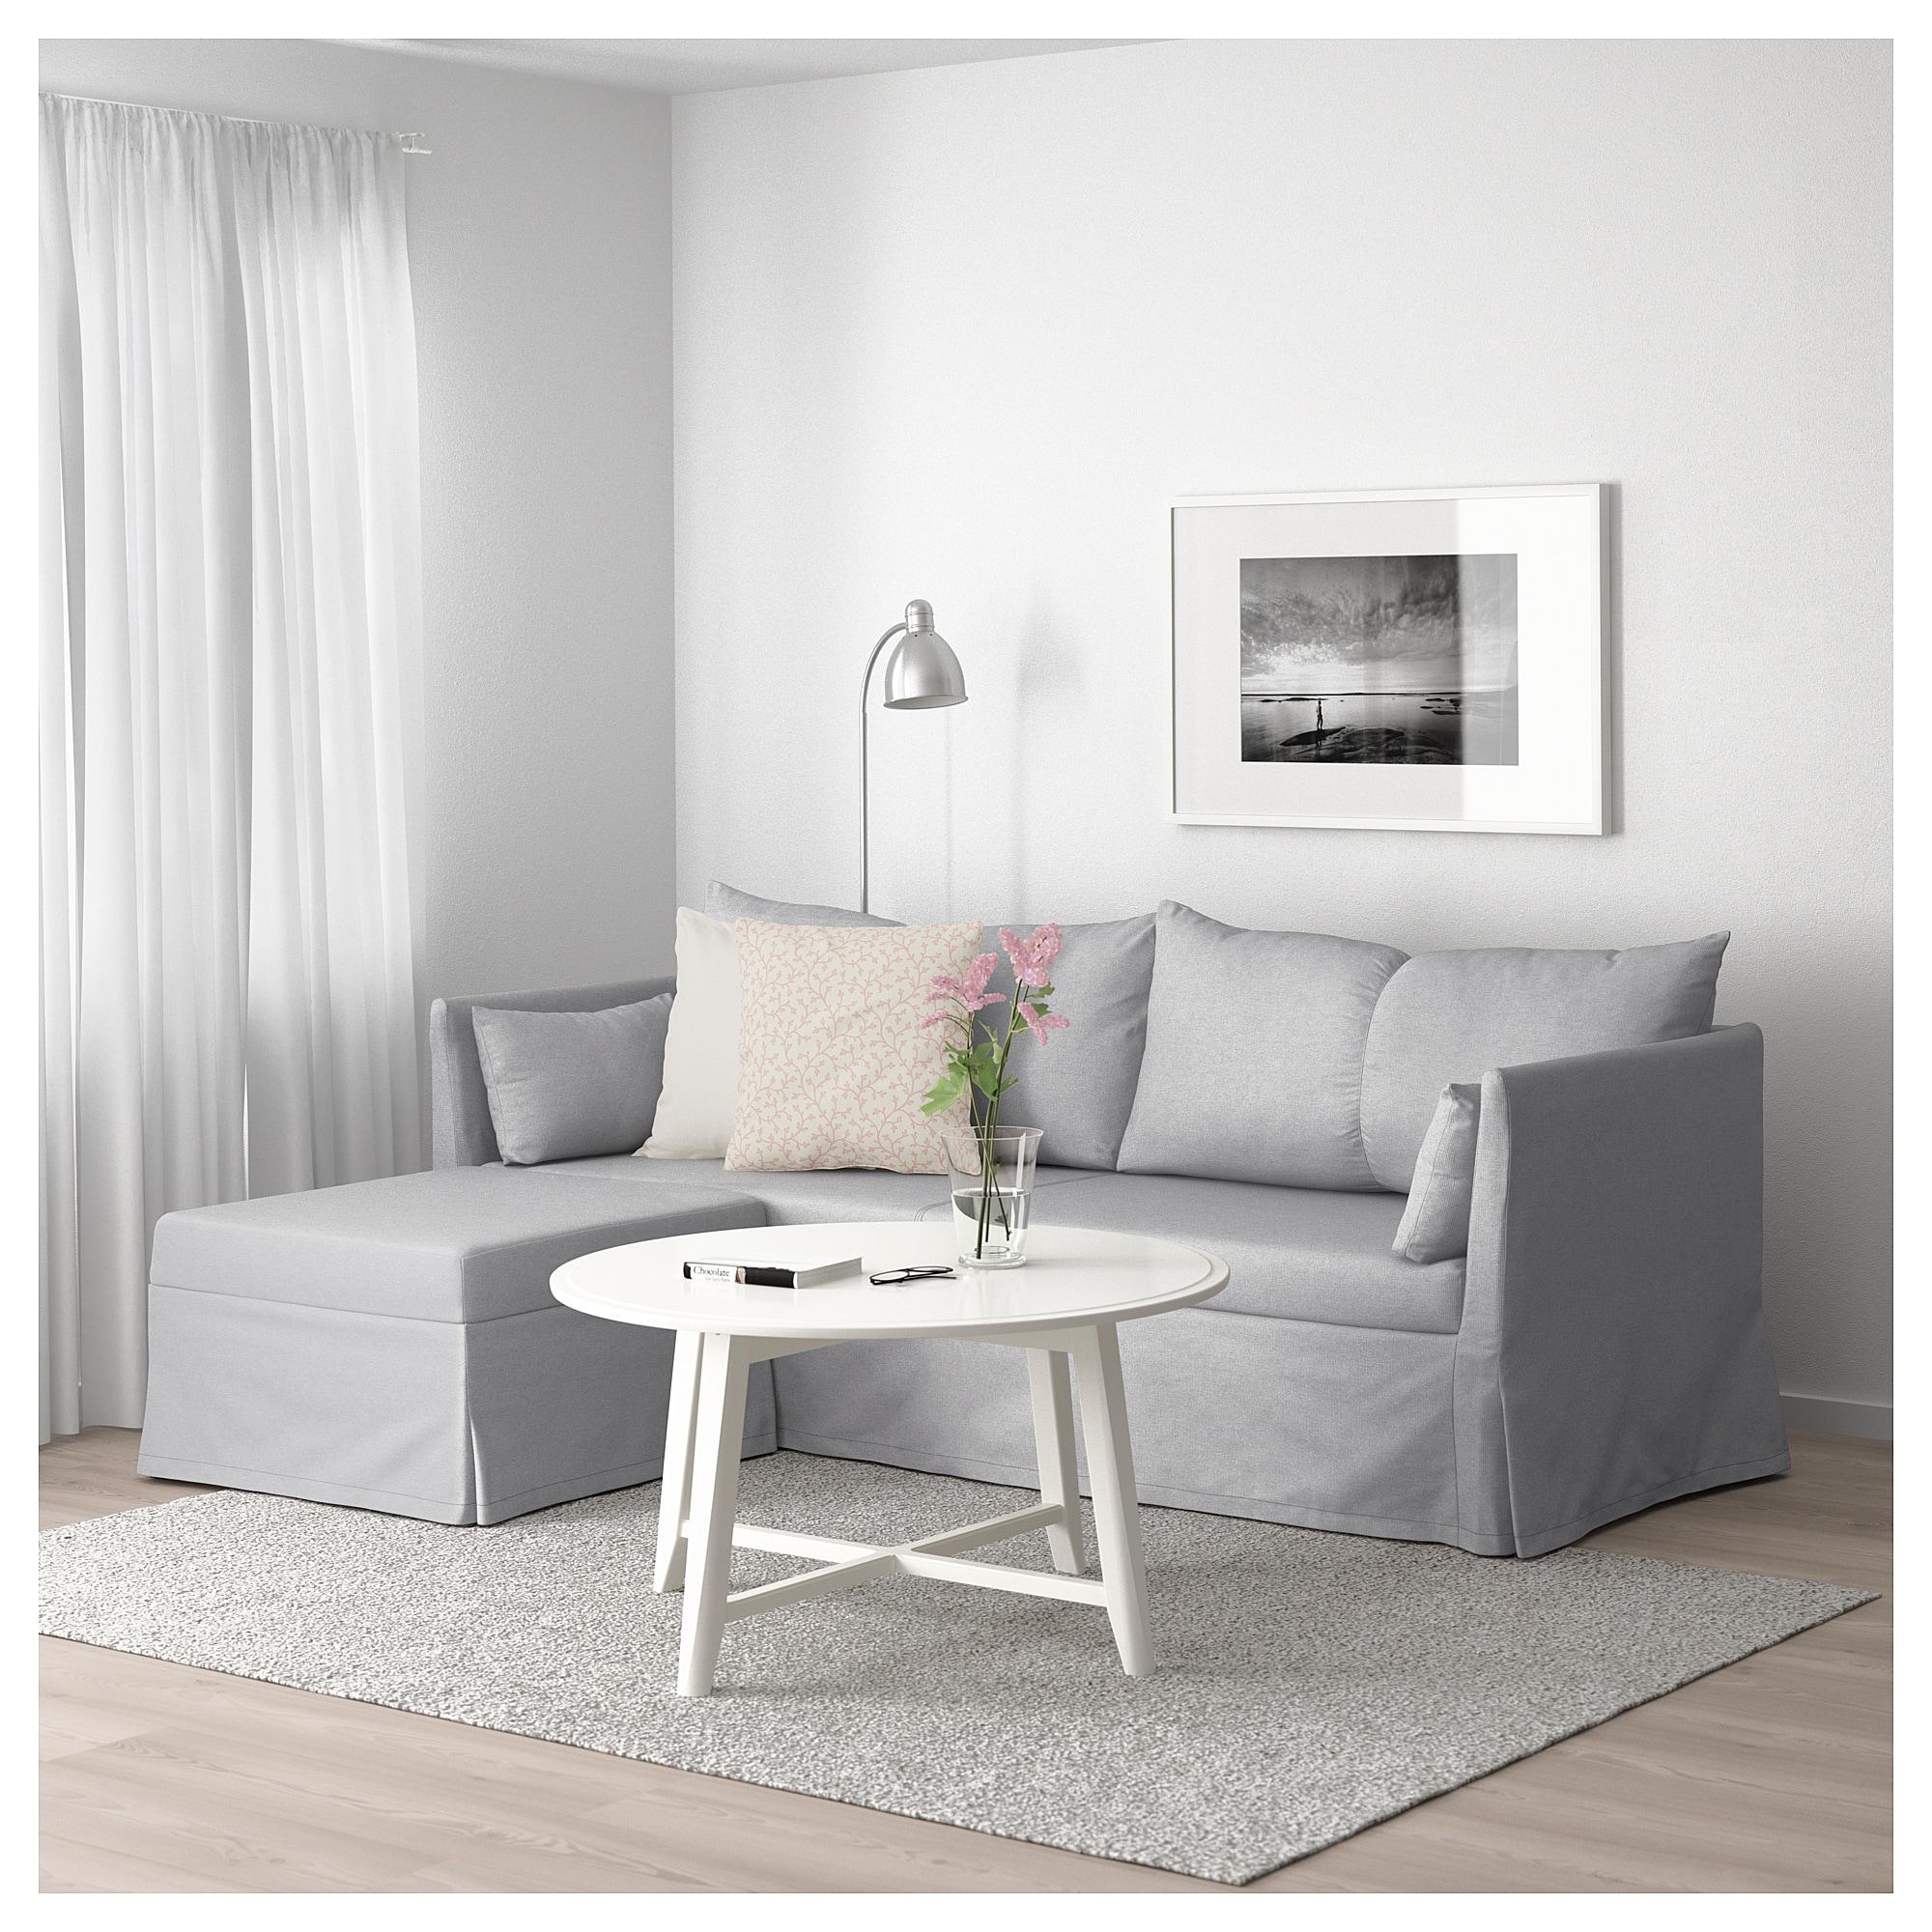 Opiniones y Reseña Sofás Bråthult y Sandbacken de IKEA - ¿Misma base y diferente nombre?